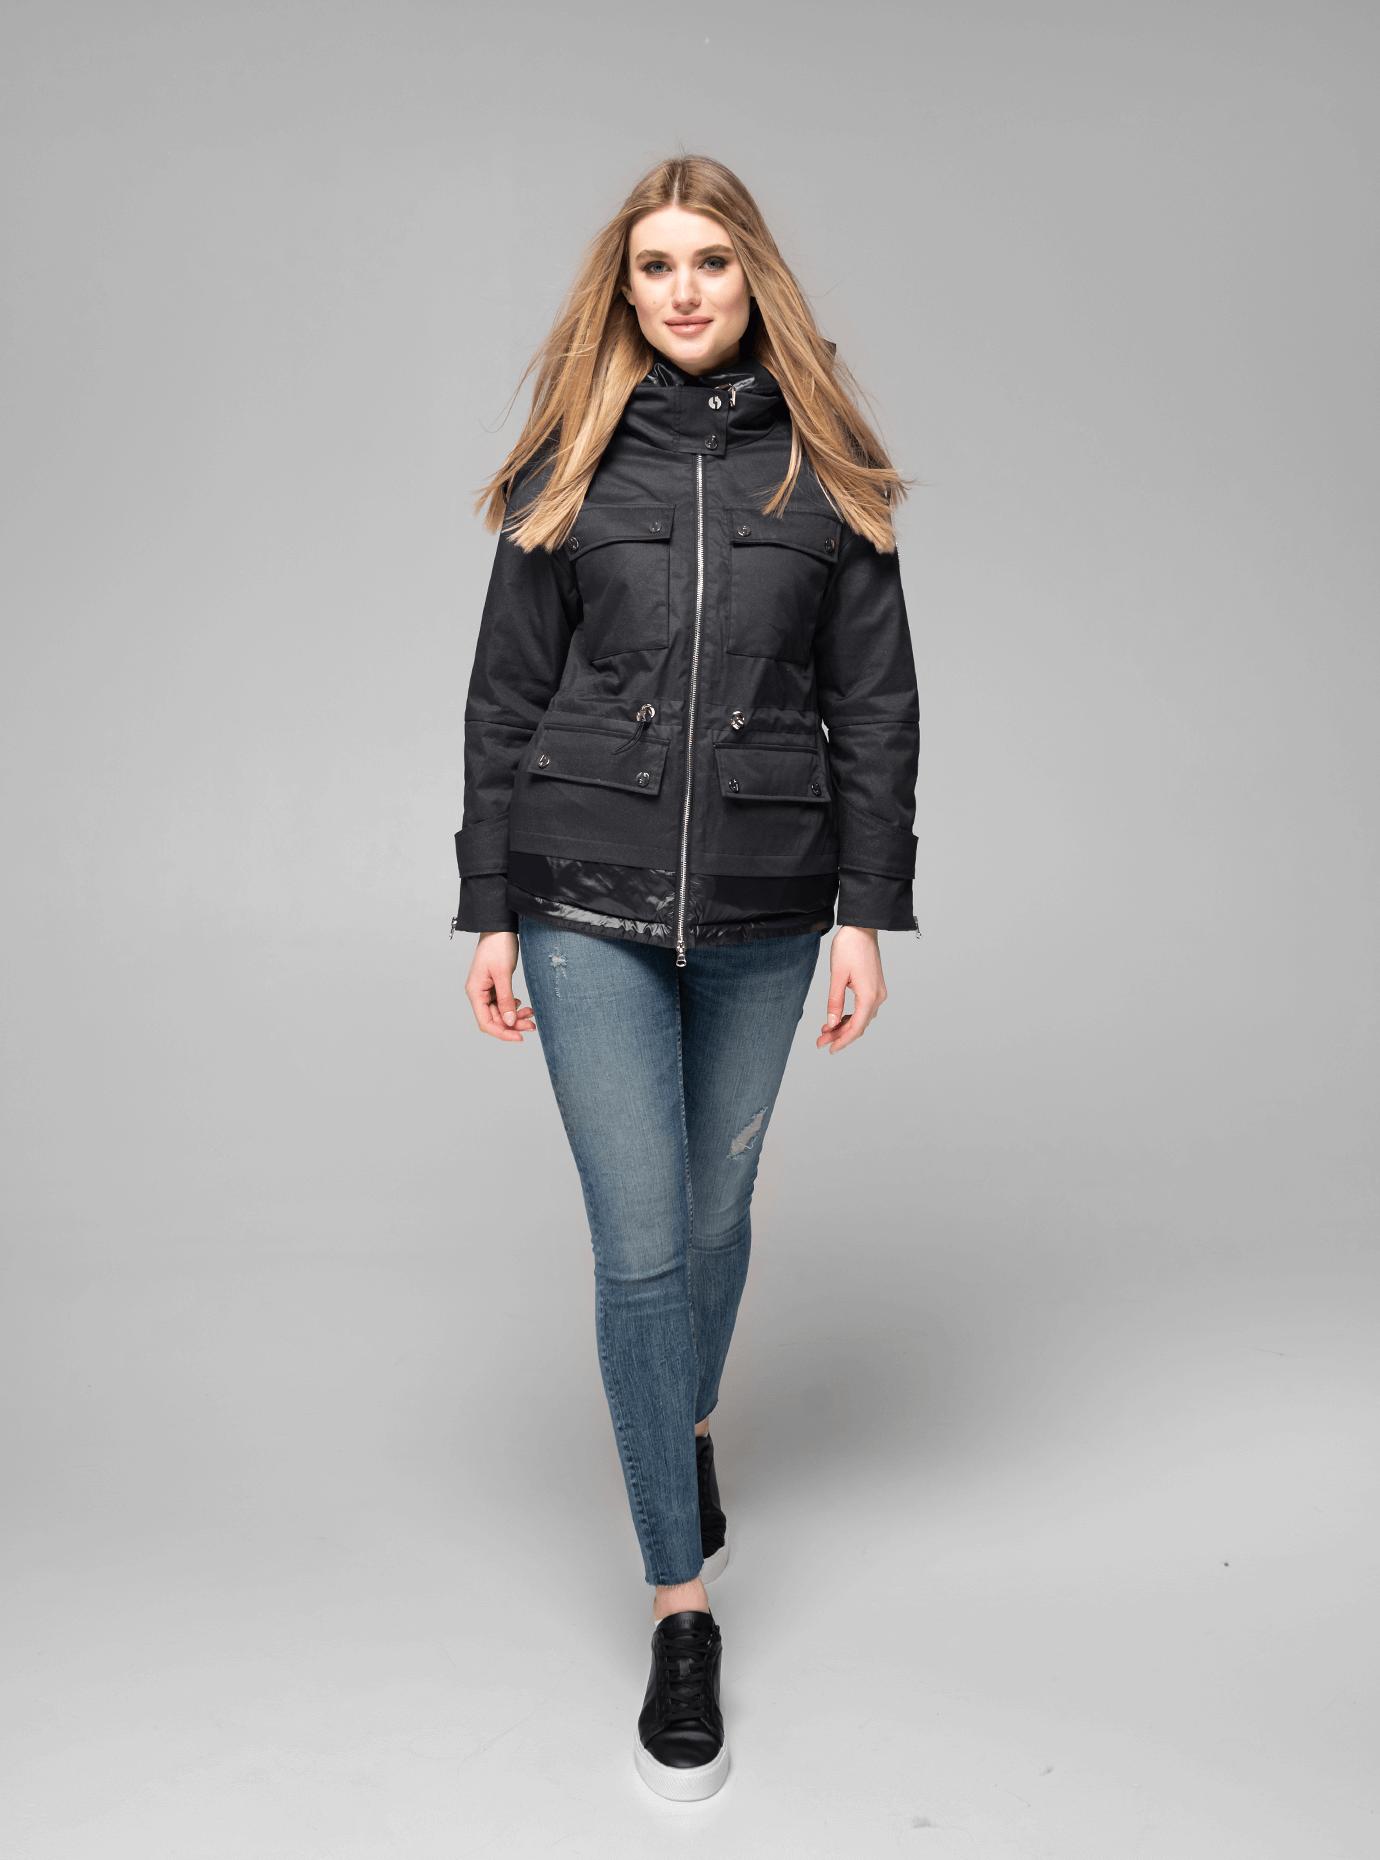 Куртка демисезонная короткая с капюшоном Чёрный M (02-V191035): фото - Alster.ua